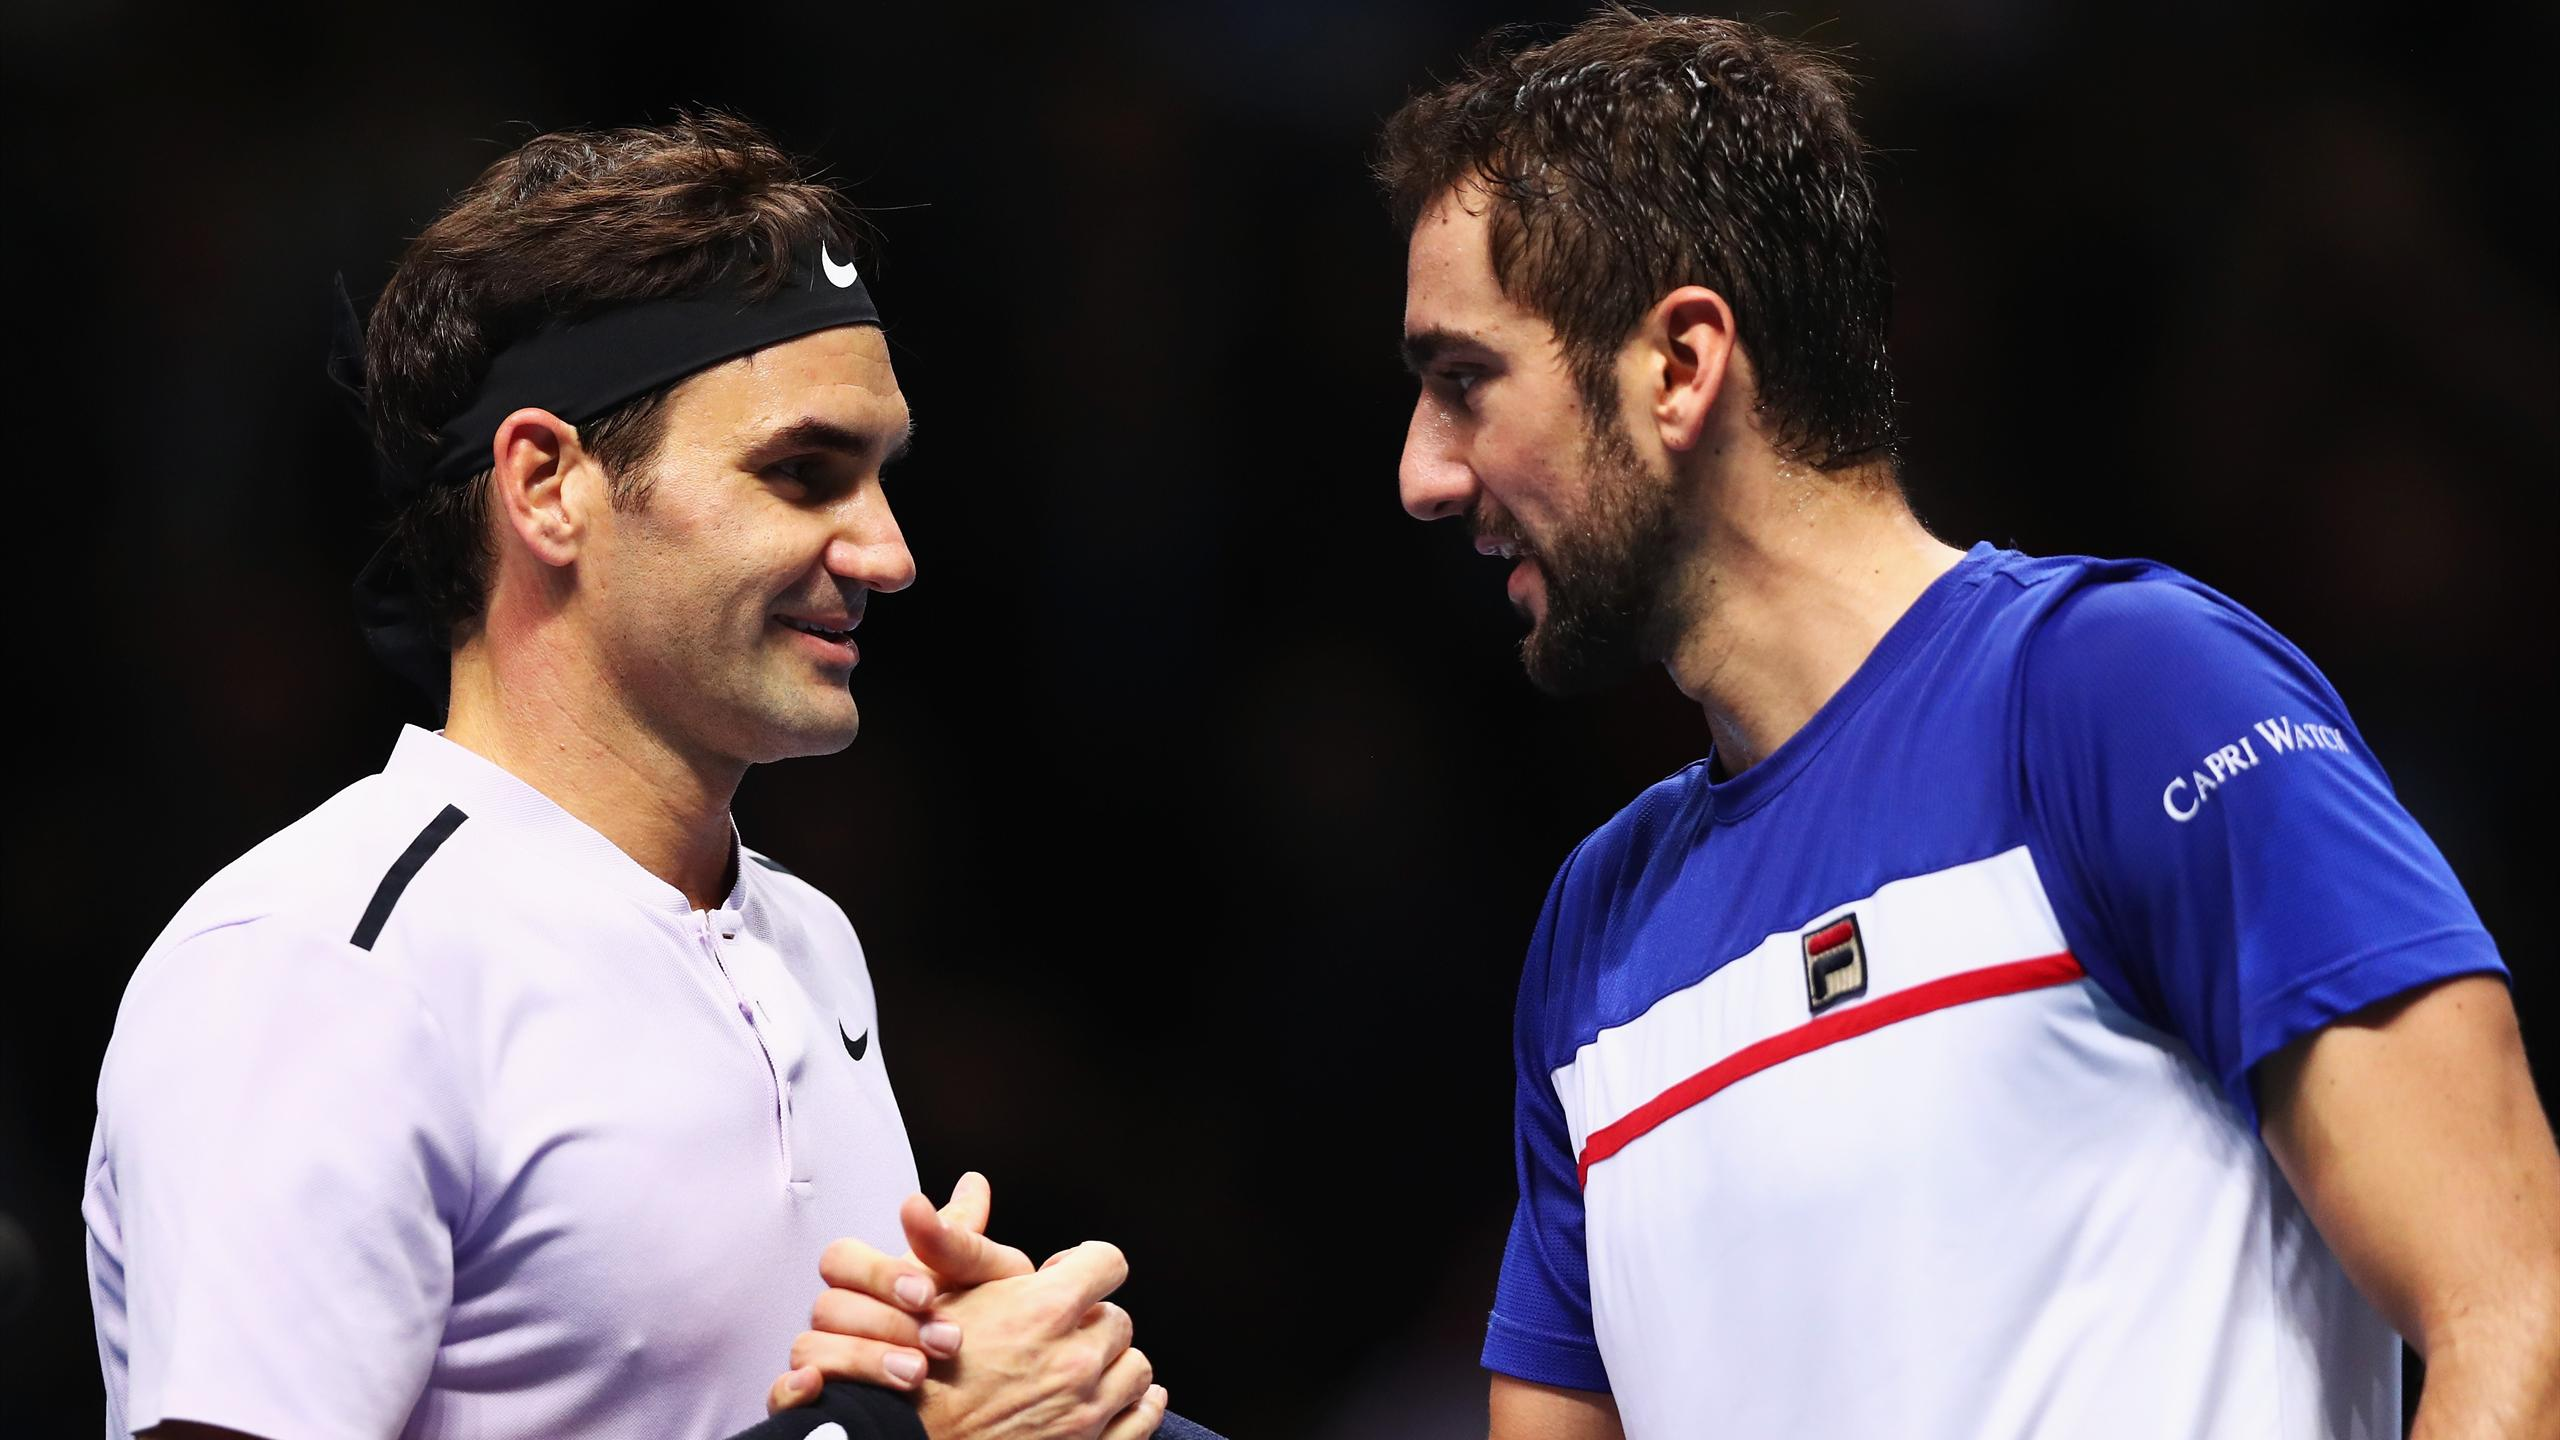 Roland-Garros 2021 : Gaston-Gasquet, Federer-Cilic… Les 11 duels qu'on aimerait voir en 1re semaine